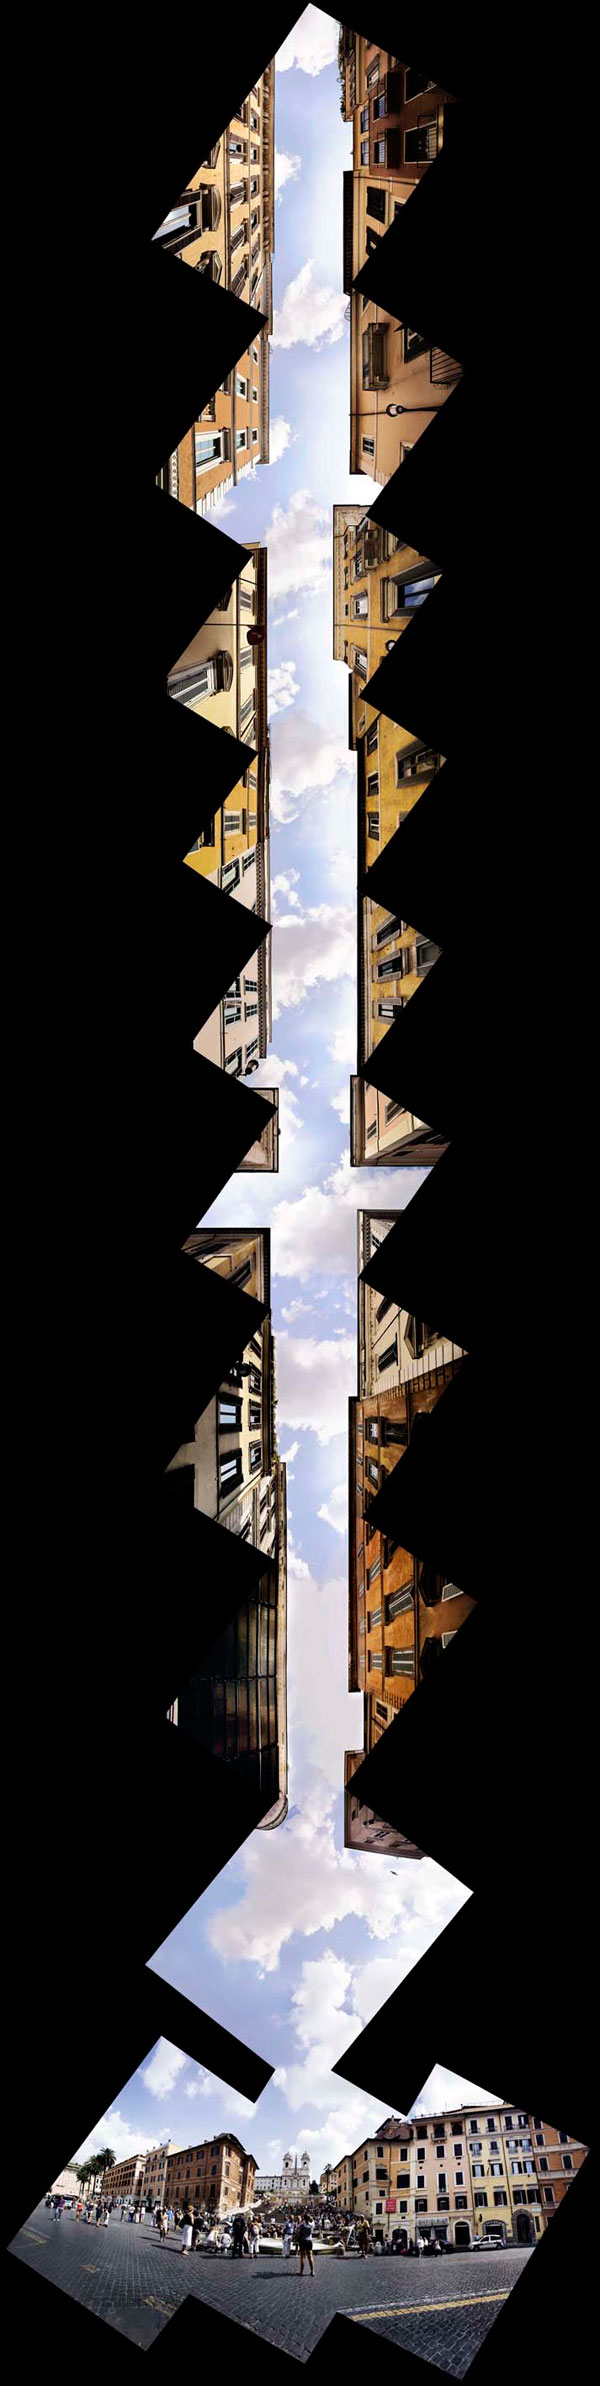 Piazza di Spagna - Il cielo di via Condotti